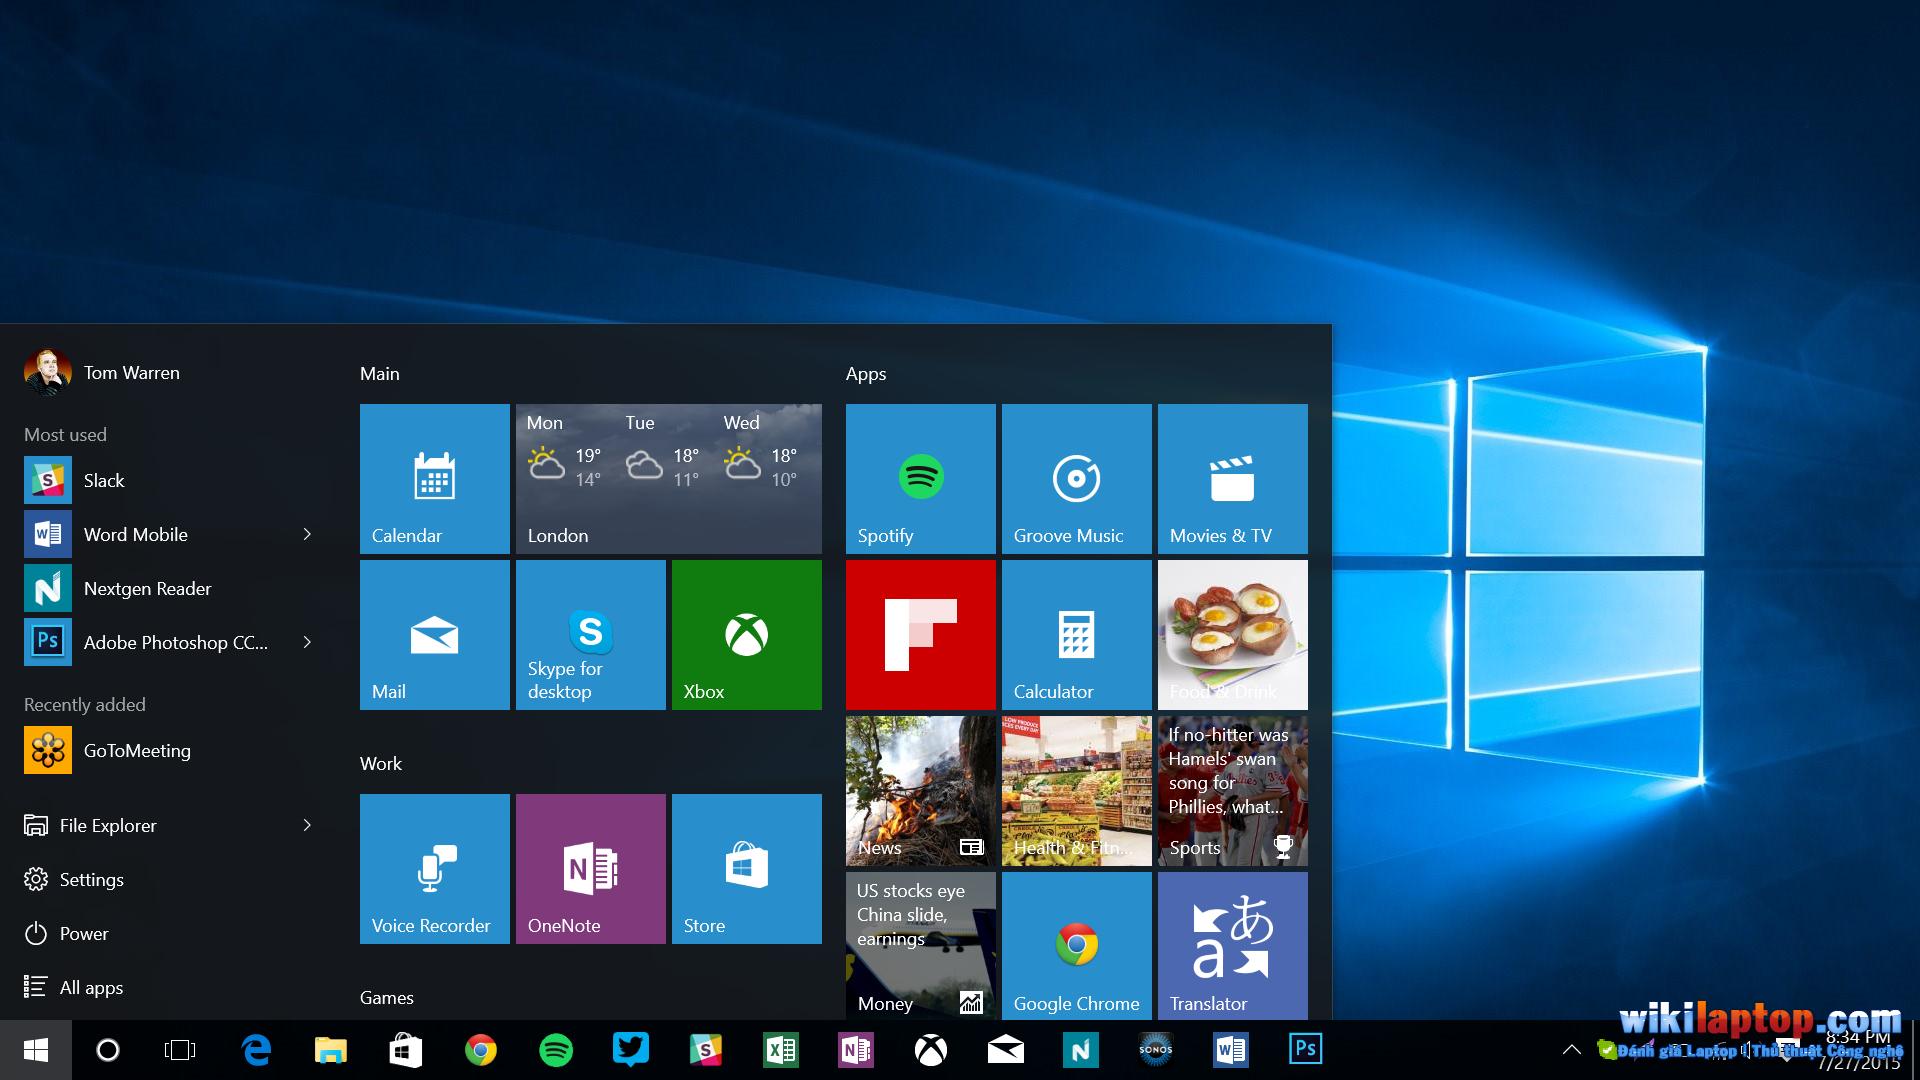 Sforum - Trang thông tin công nghệ mới nhất Ảnh chụp màn hình _40_.0 Lời khuyên mua Laptop: 8 điều cần biết trước